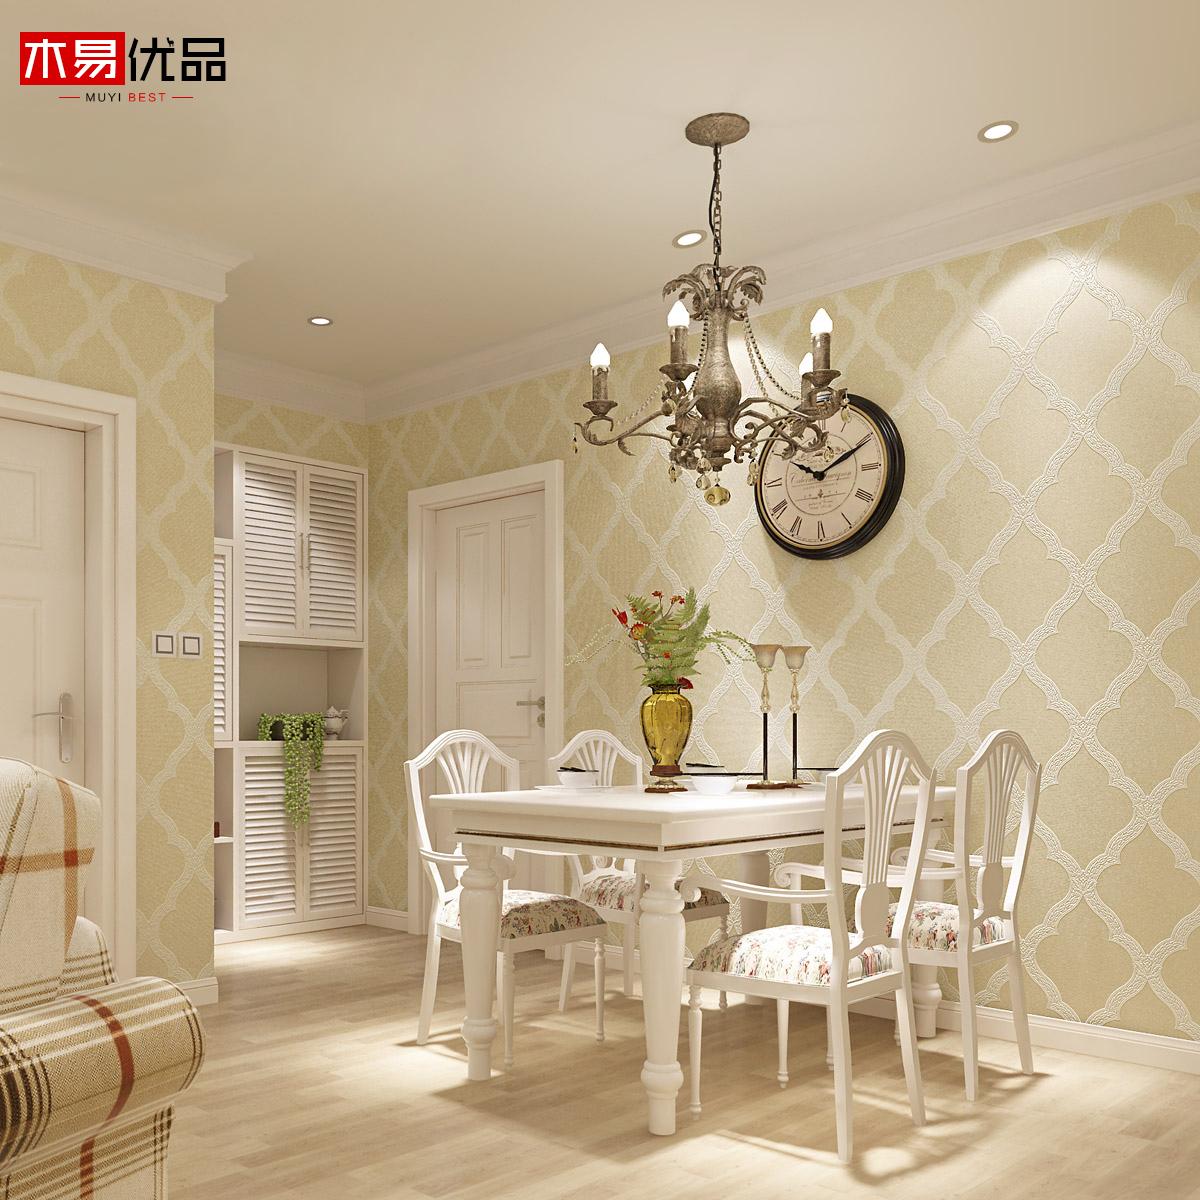 【3d进口环保简约欧式壁纸 卧室无纺布墙纸 客厅电视背景影视墙软包图片